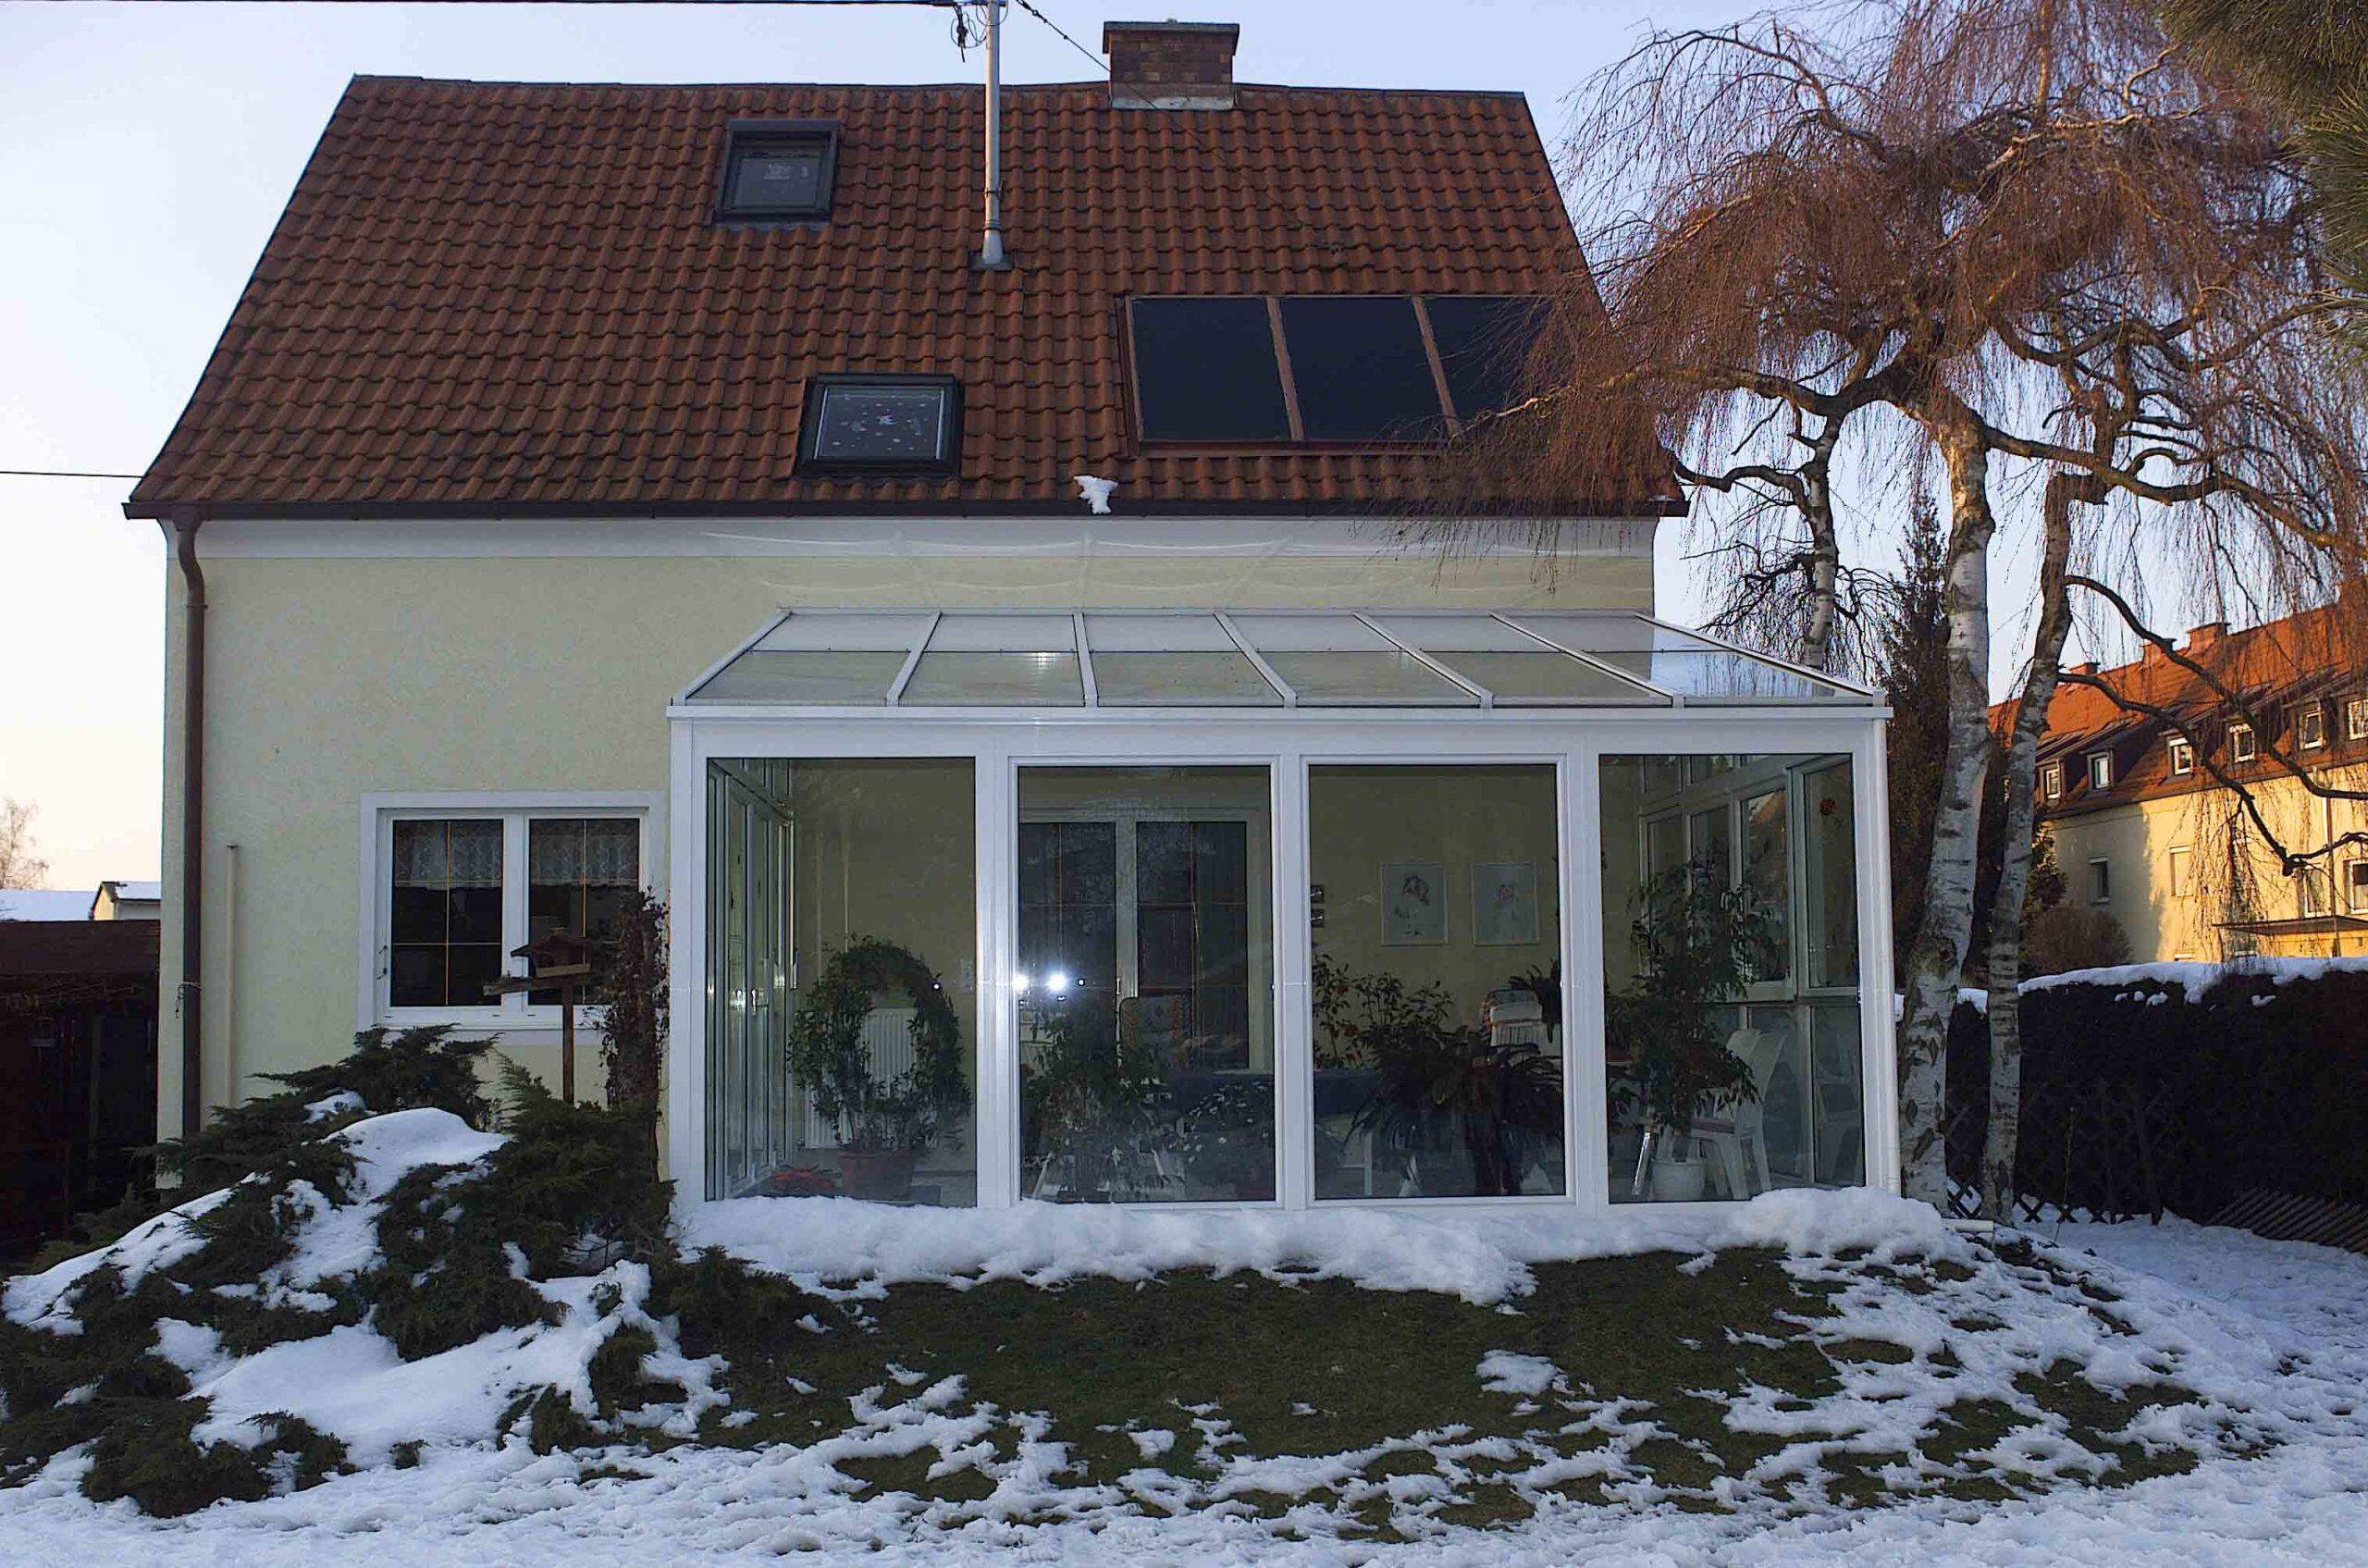 Wintergarten Oberneukirchen